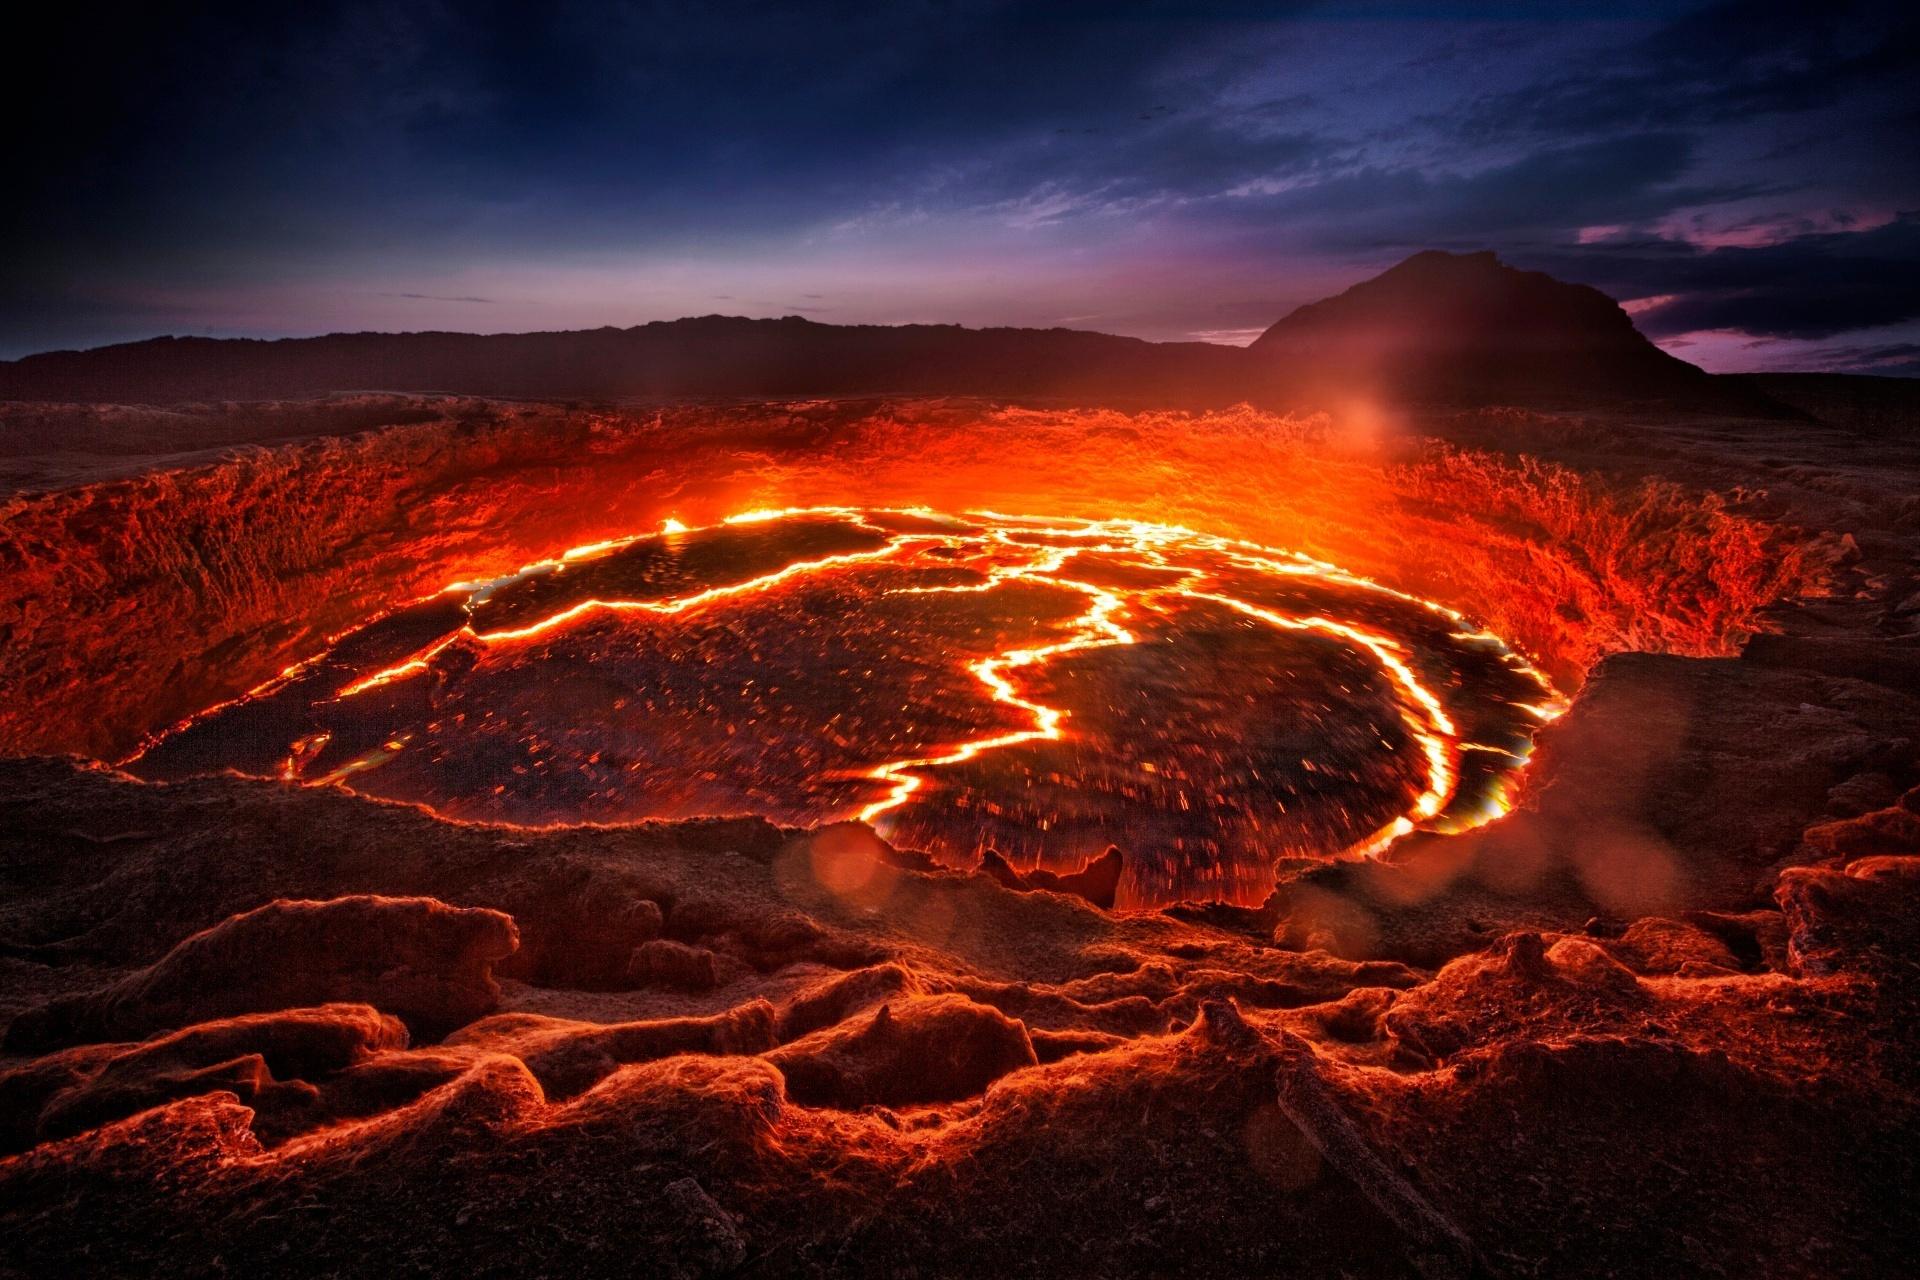 エルタ・アレの溶岩湖の風景 エチオピアの風景